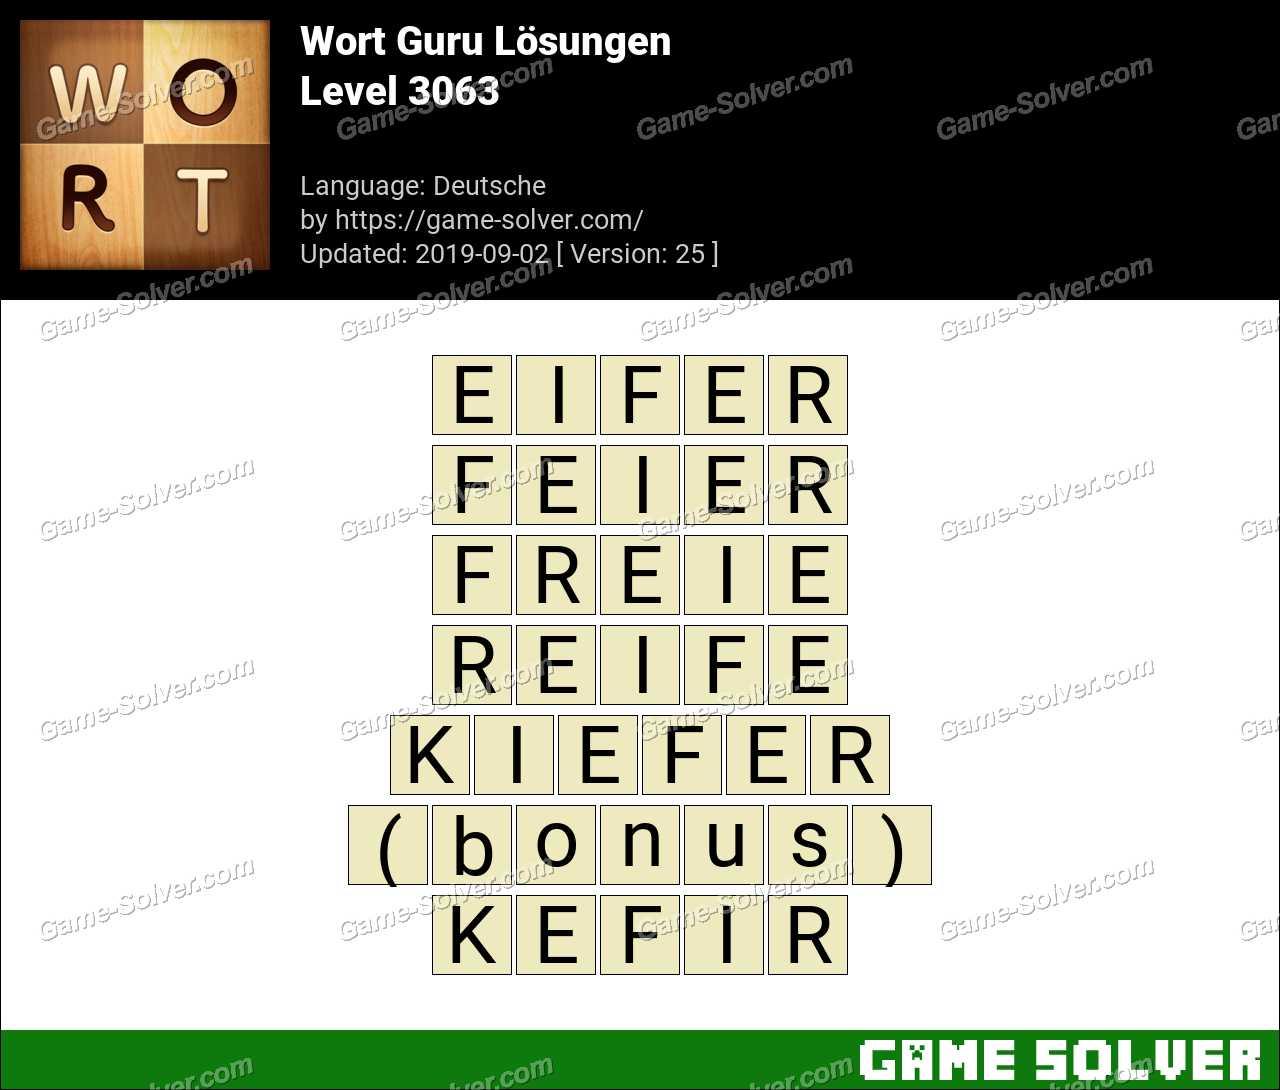 Wort Guru Level 3063 Lösungen